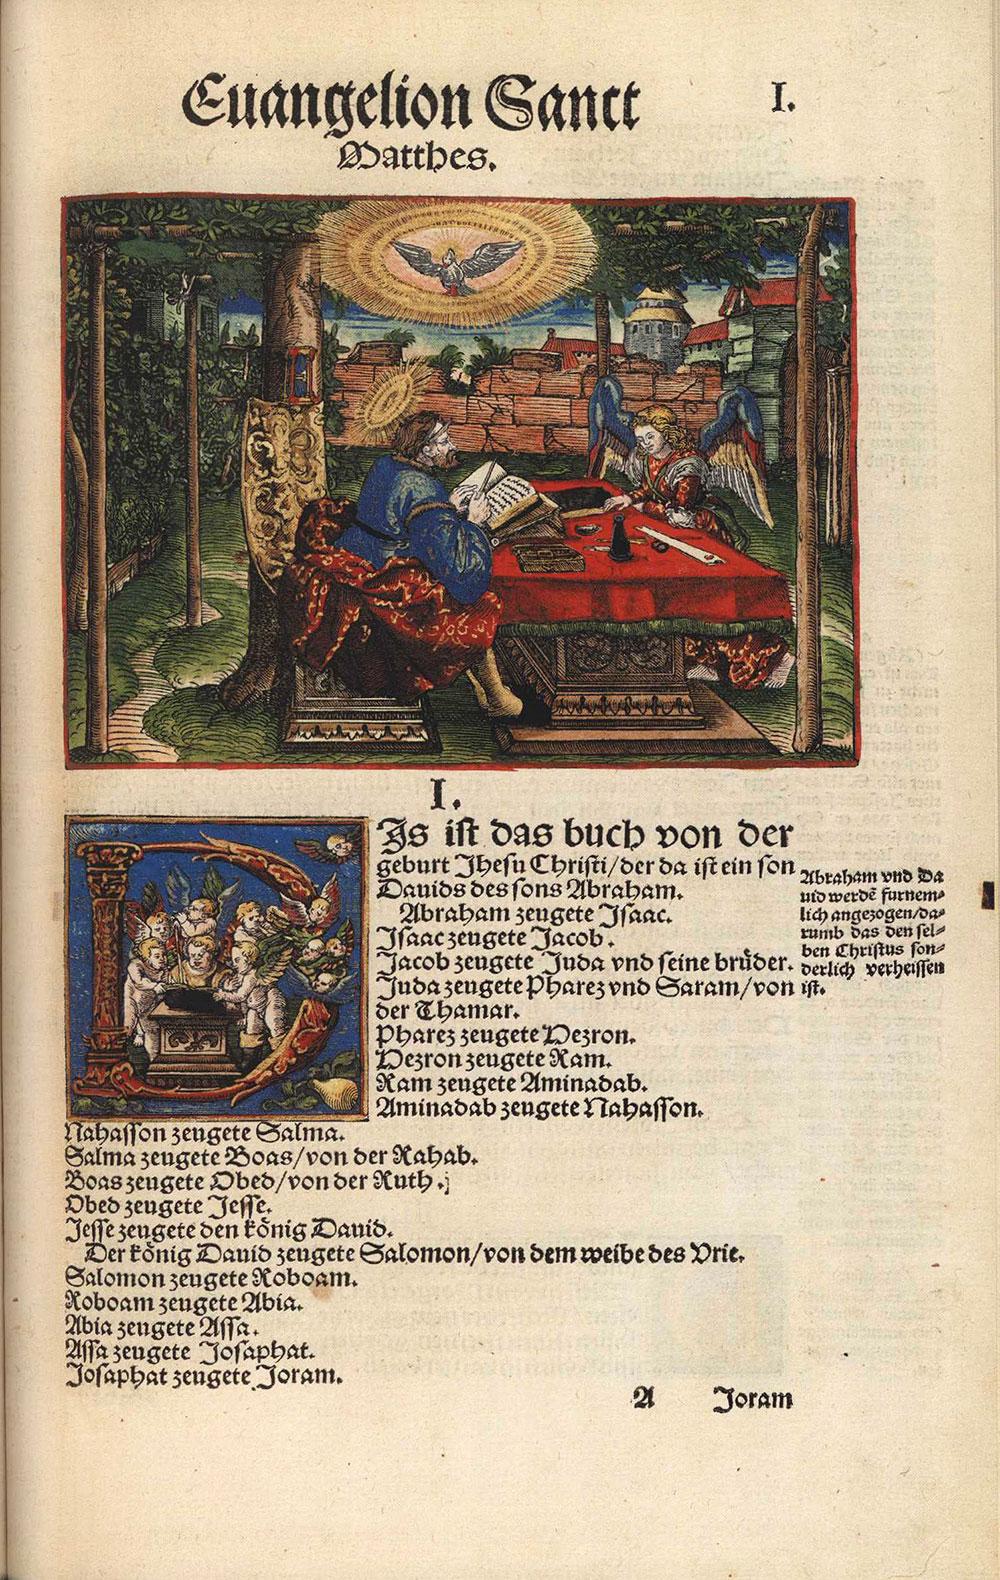 [Facsimile of 1534 Luther Bible, German]. <em>Biblia: das ist, die gantze Heilige Schrifft deudsch. Mart. Luth. Wittemberg: begnadet mit Kurfurstlicher zu Sachsen freiheit.</em> Koln; London: Taschen, 2003.